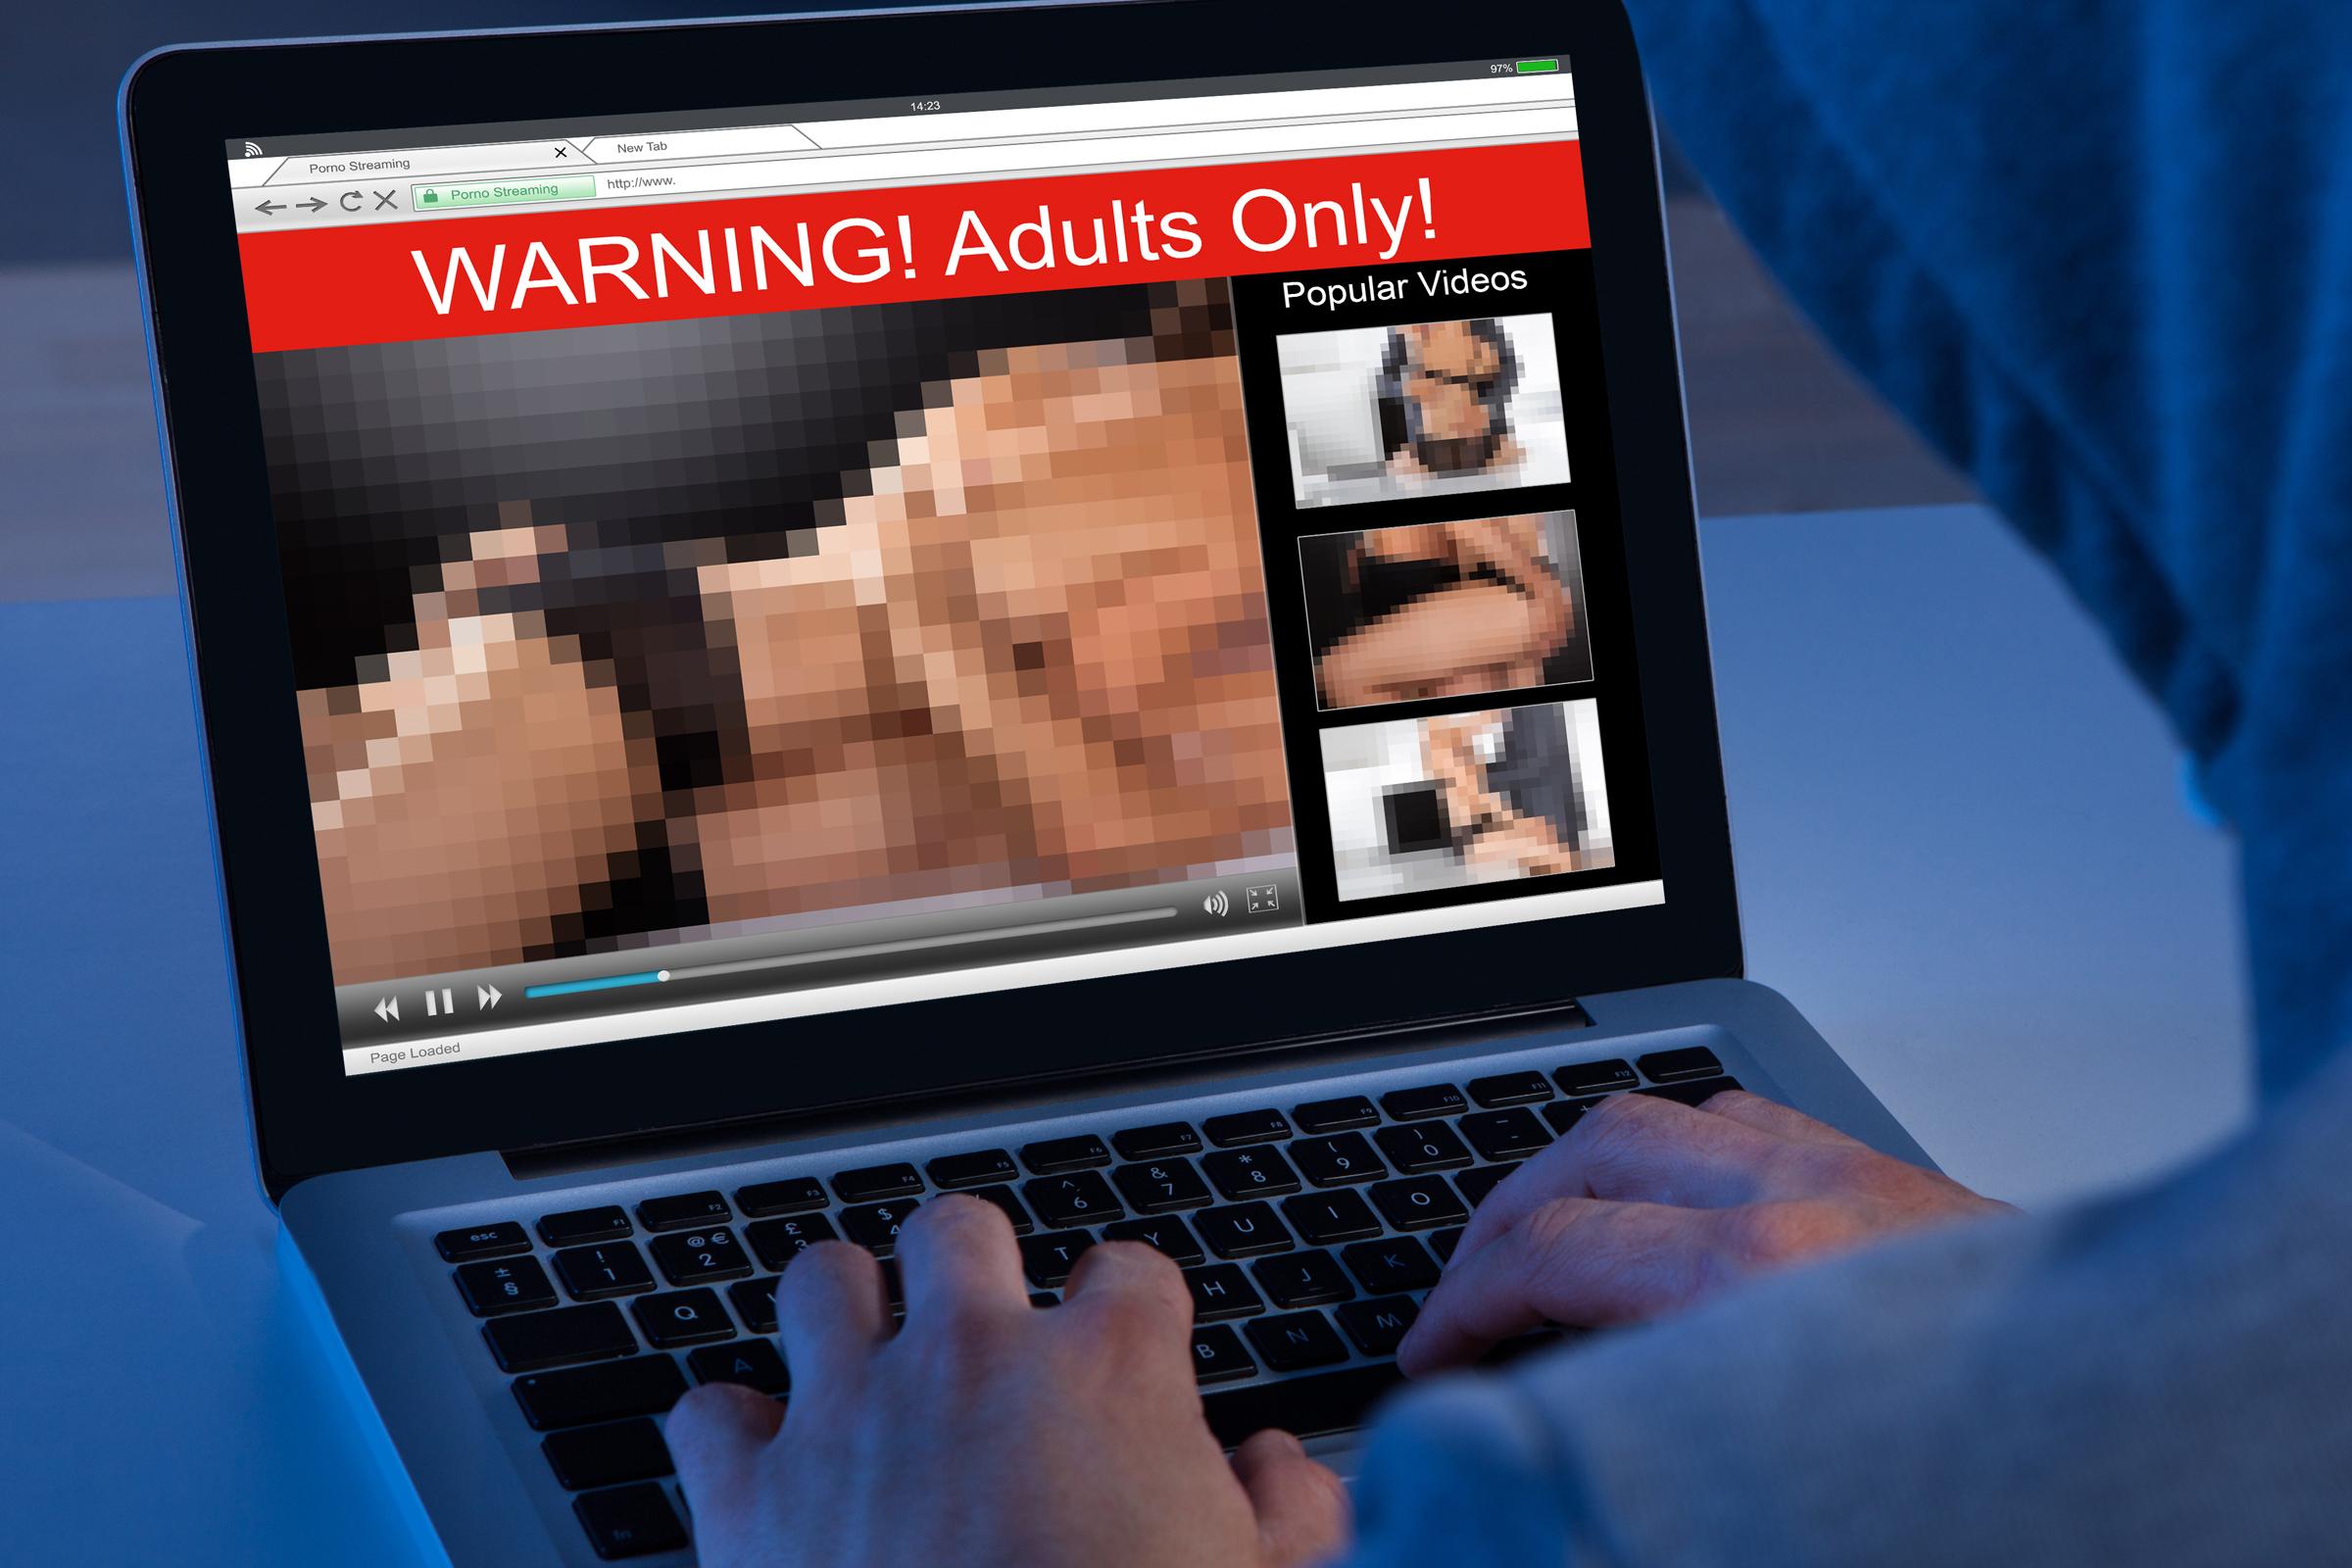 leszbikus pornó videojátékok